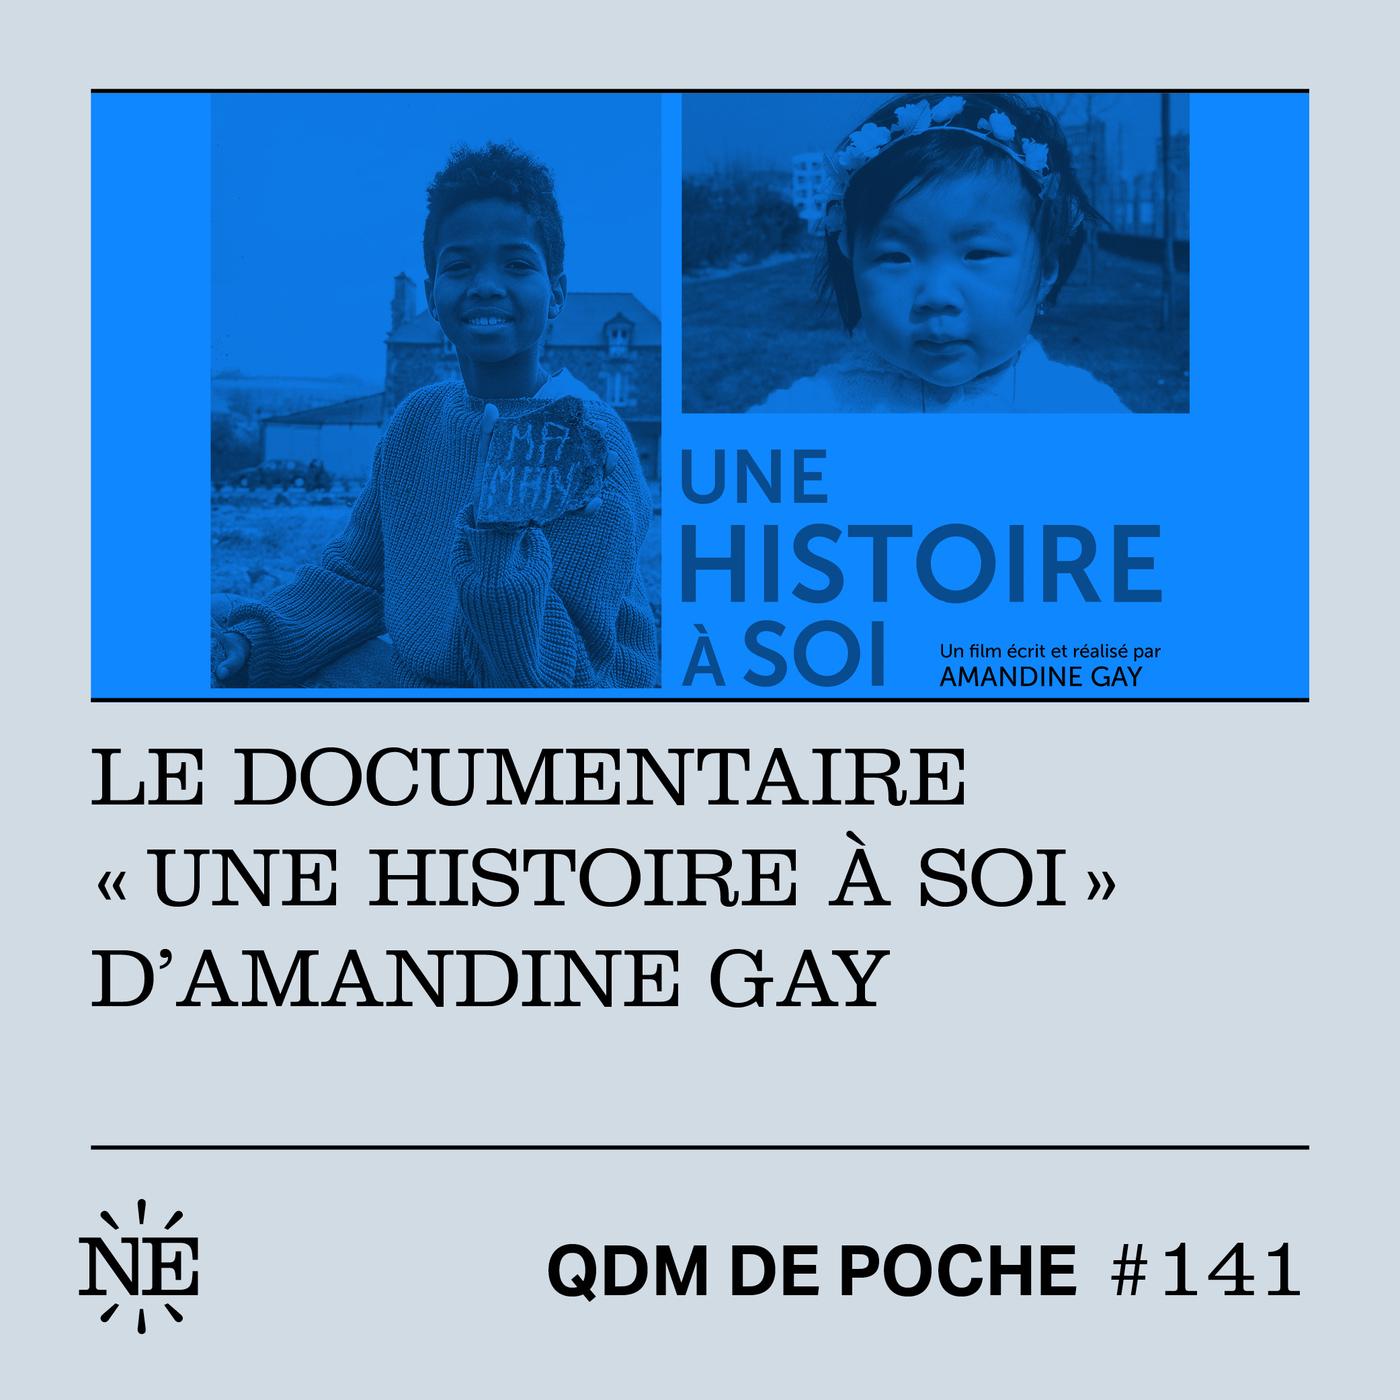 """#141 - QDM de Poche - Le documentaire """"Une histoire à soi"""" d'Amandine Gay"""